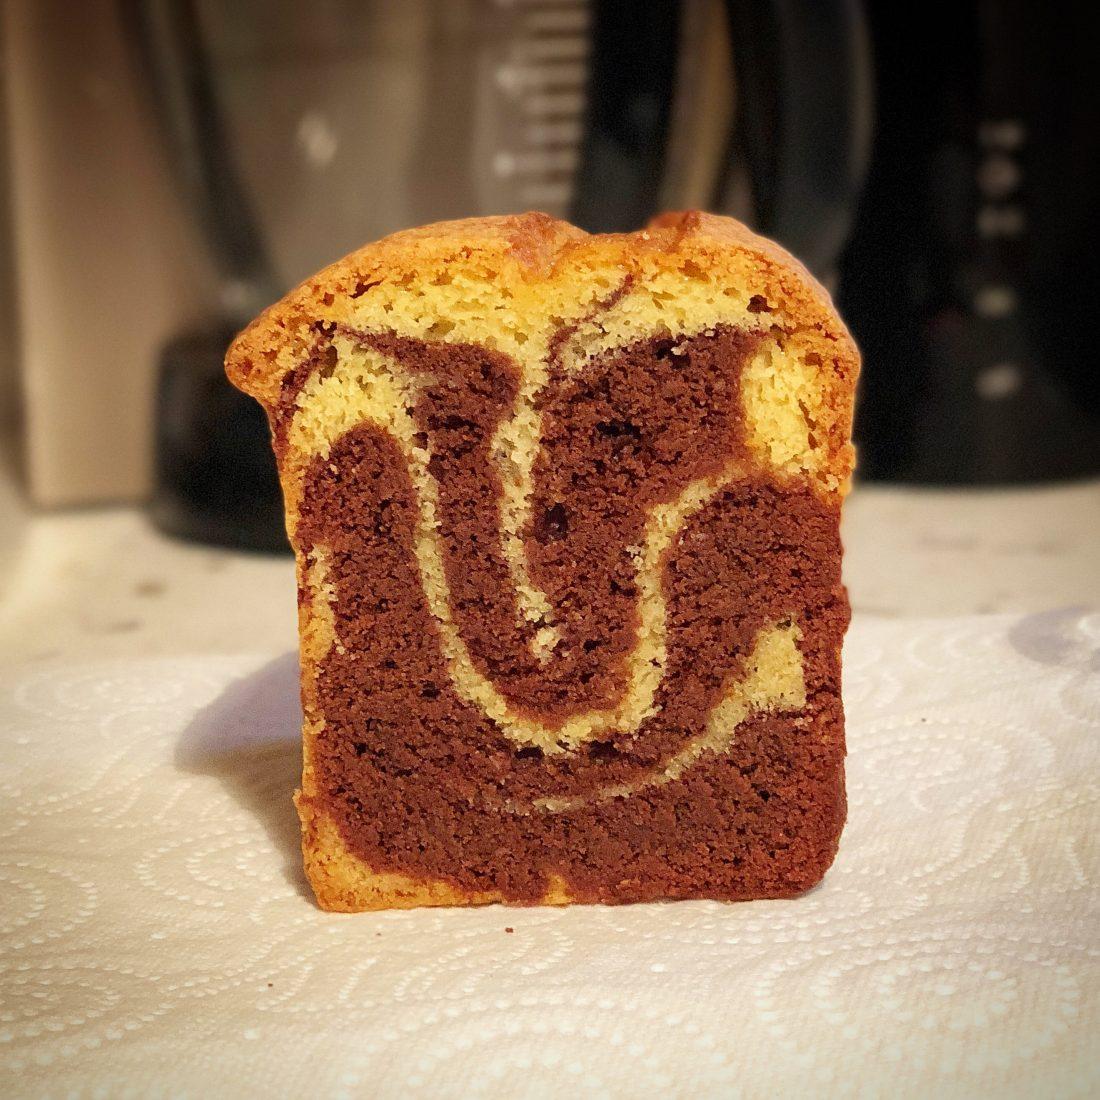 Voici une recette de cake marbré ultrasimple, sans blancs montés, mais néanmoins moelleux et savoureux...